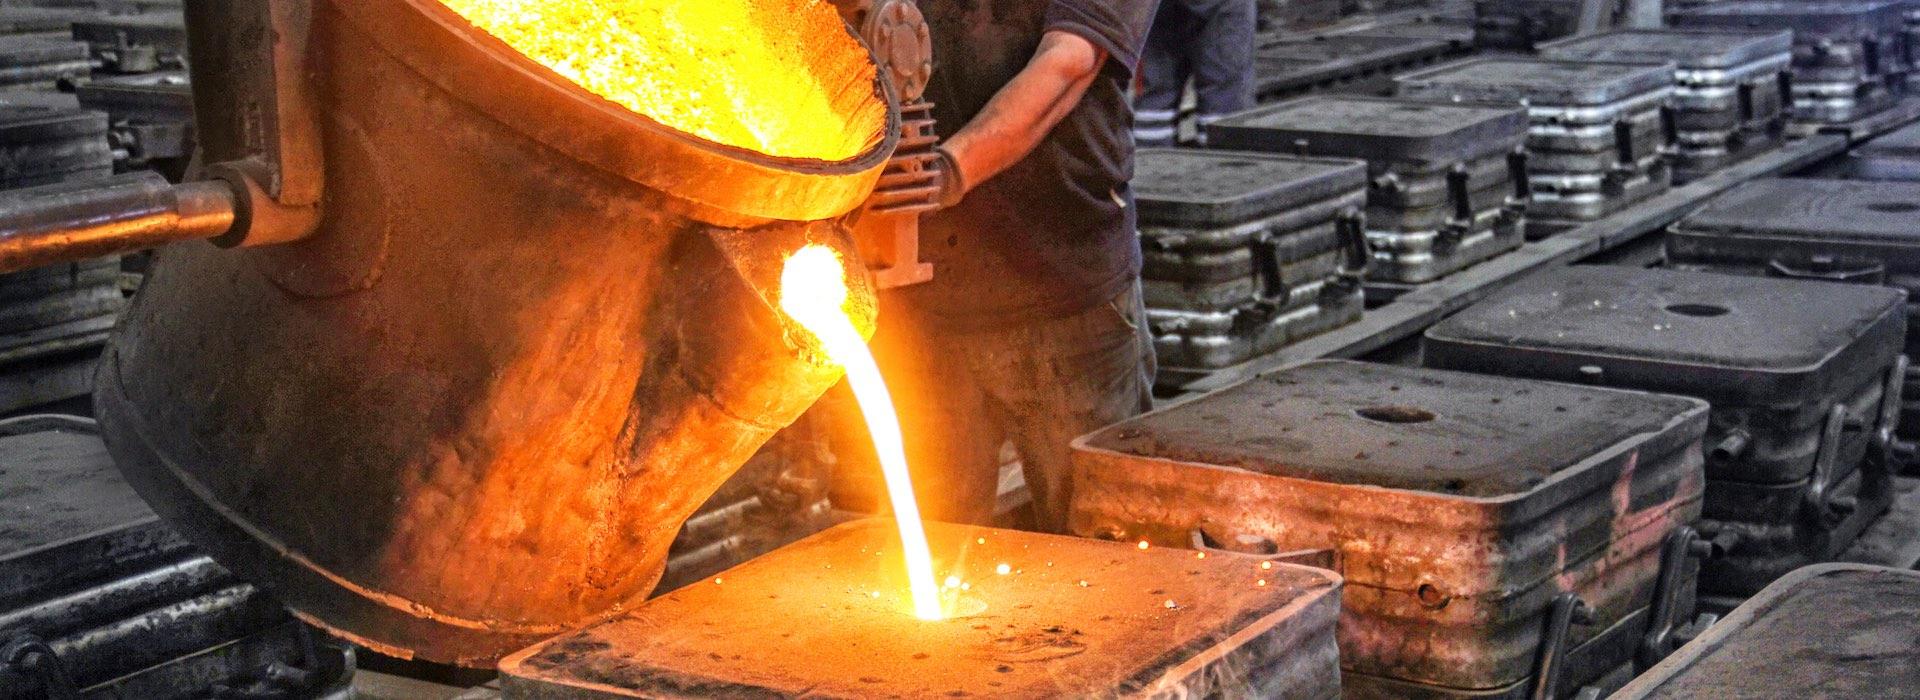 Melting steel for castings